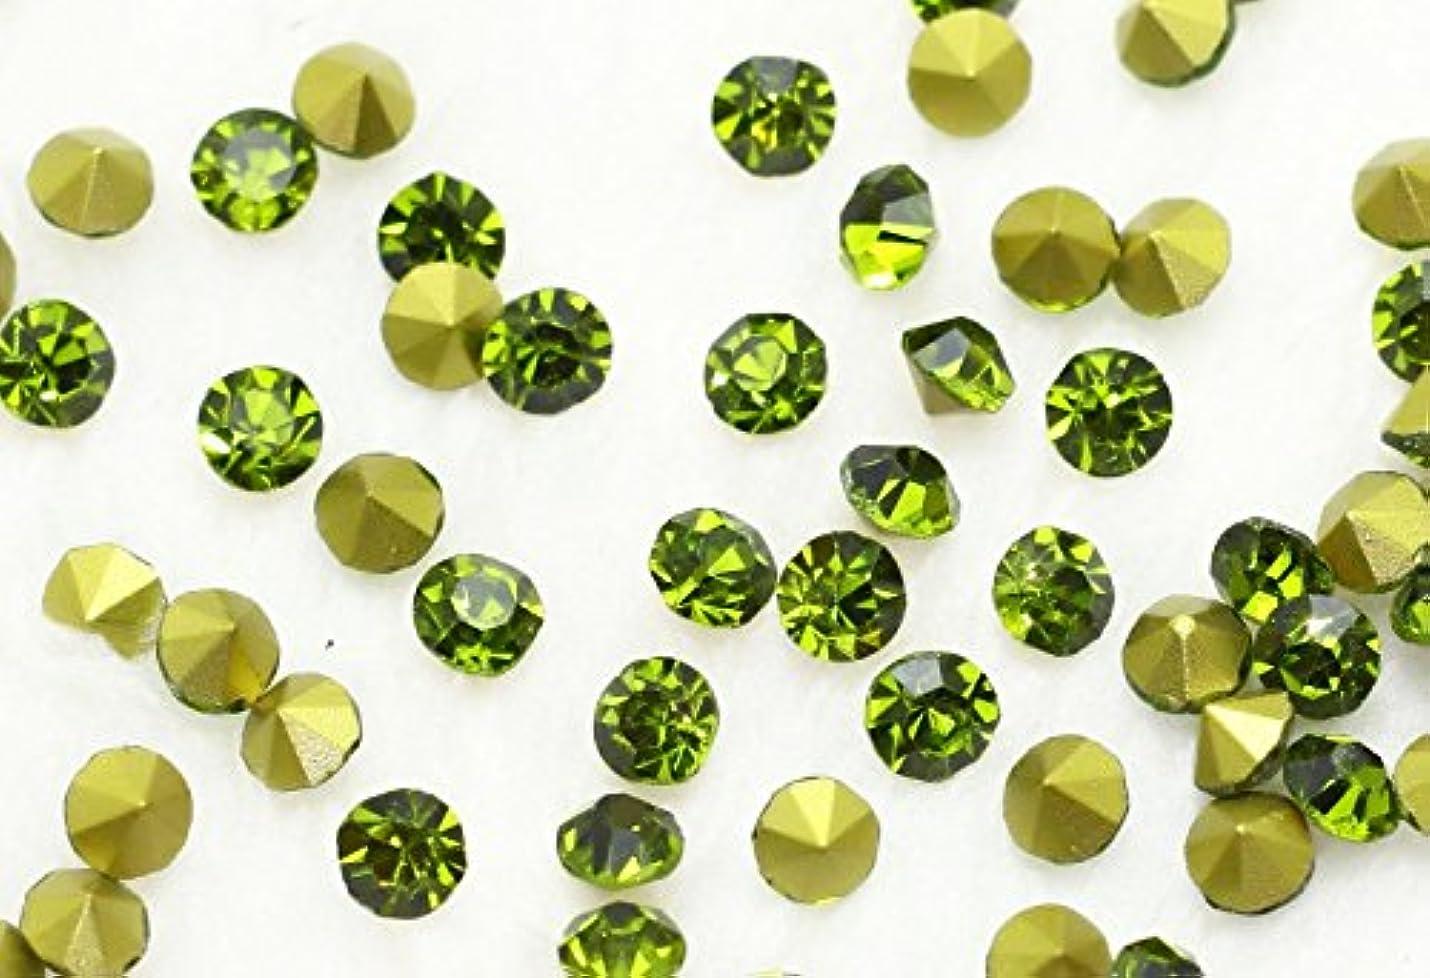 教育者アグネスグレイ誕生ガラス製 Vカットストーン(埋込型) olivine/オリーブ 各サイズ選択可能 (1.4mm (SS3) 約1440粒) [並行輸入品]